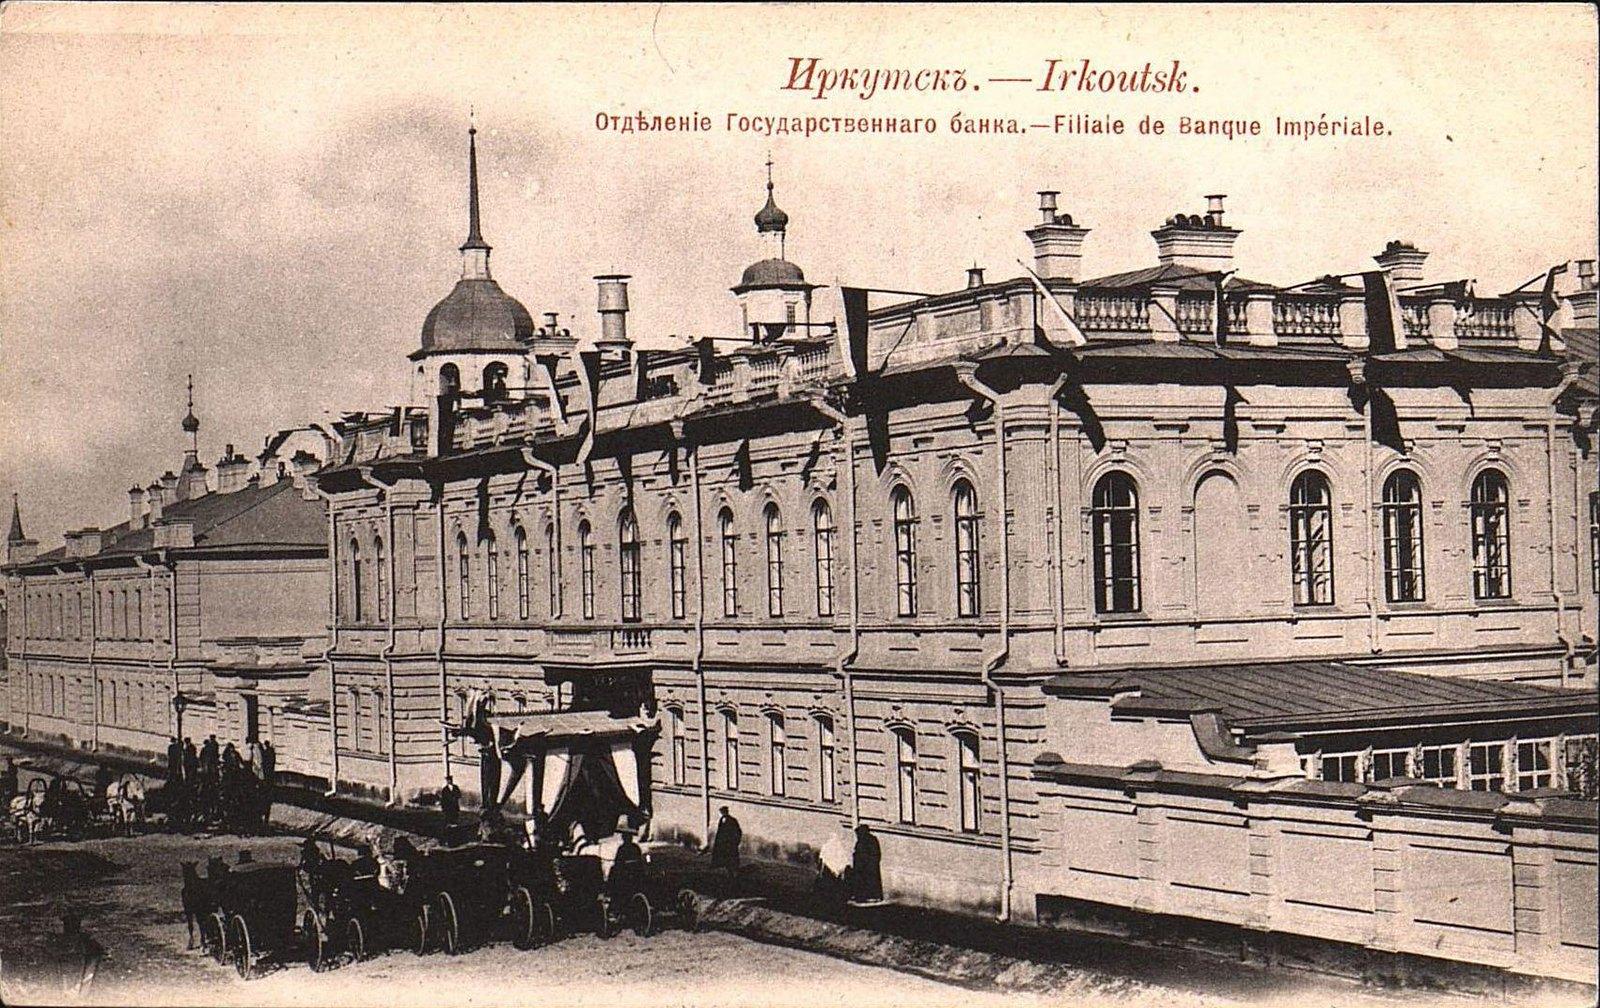 Амурская улица. Отделение Государственного банка